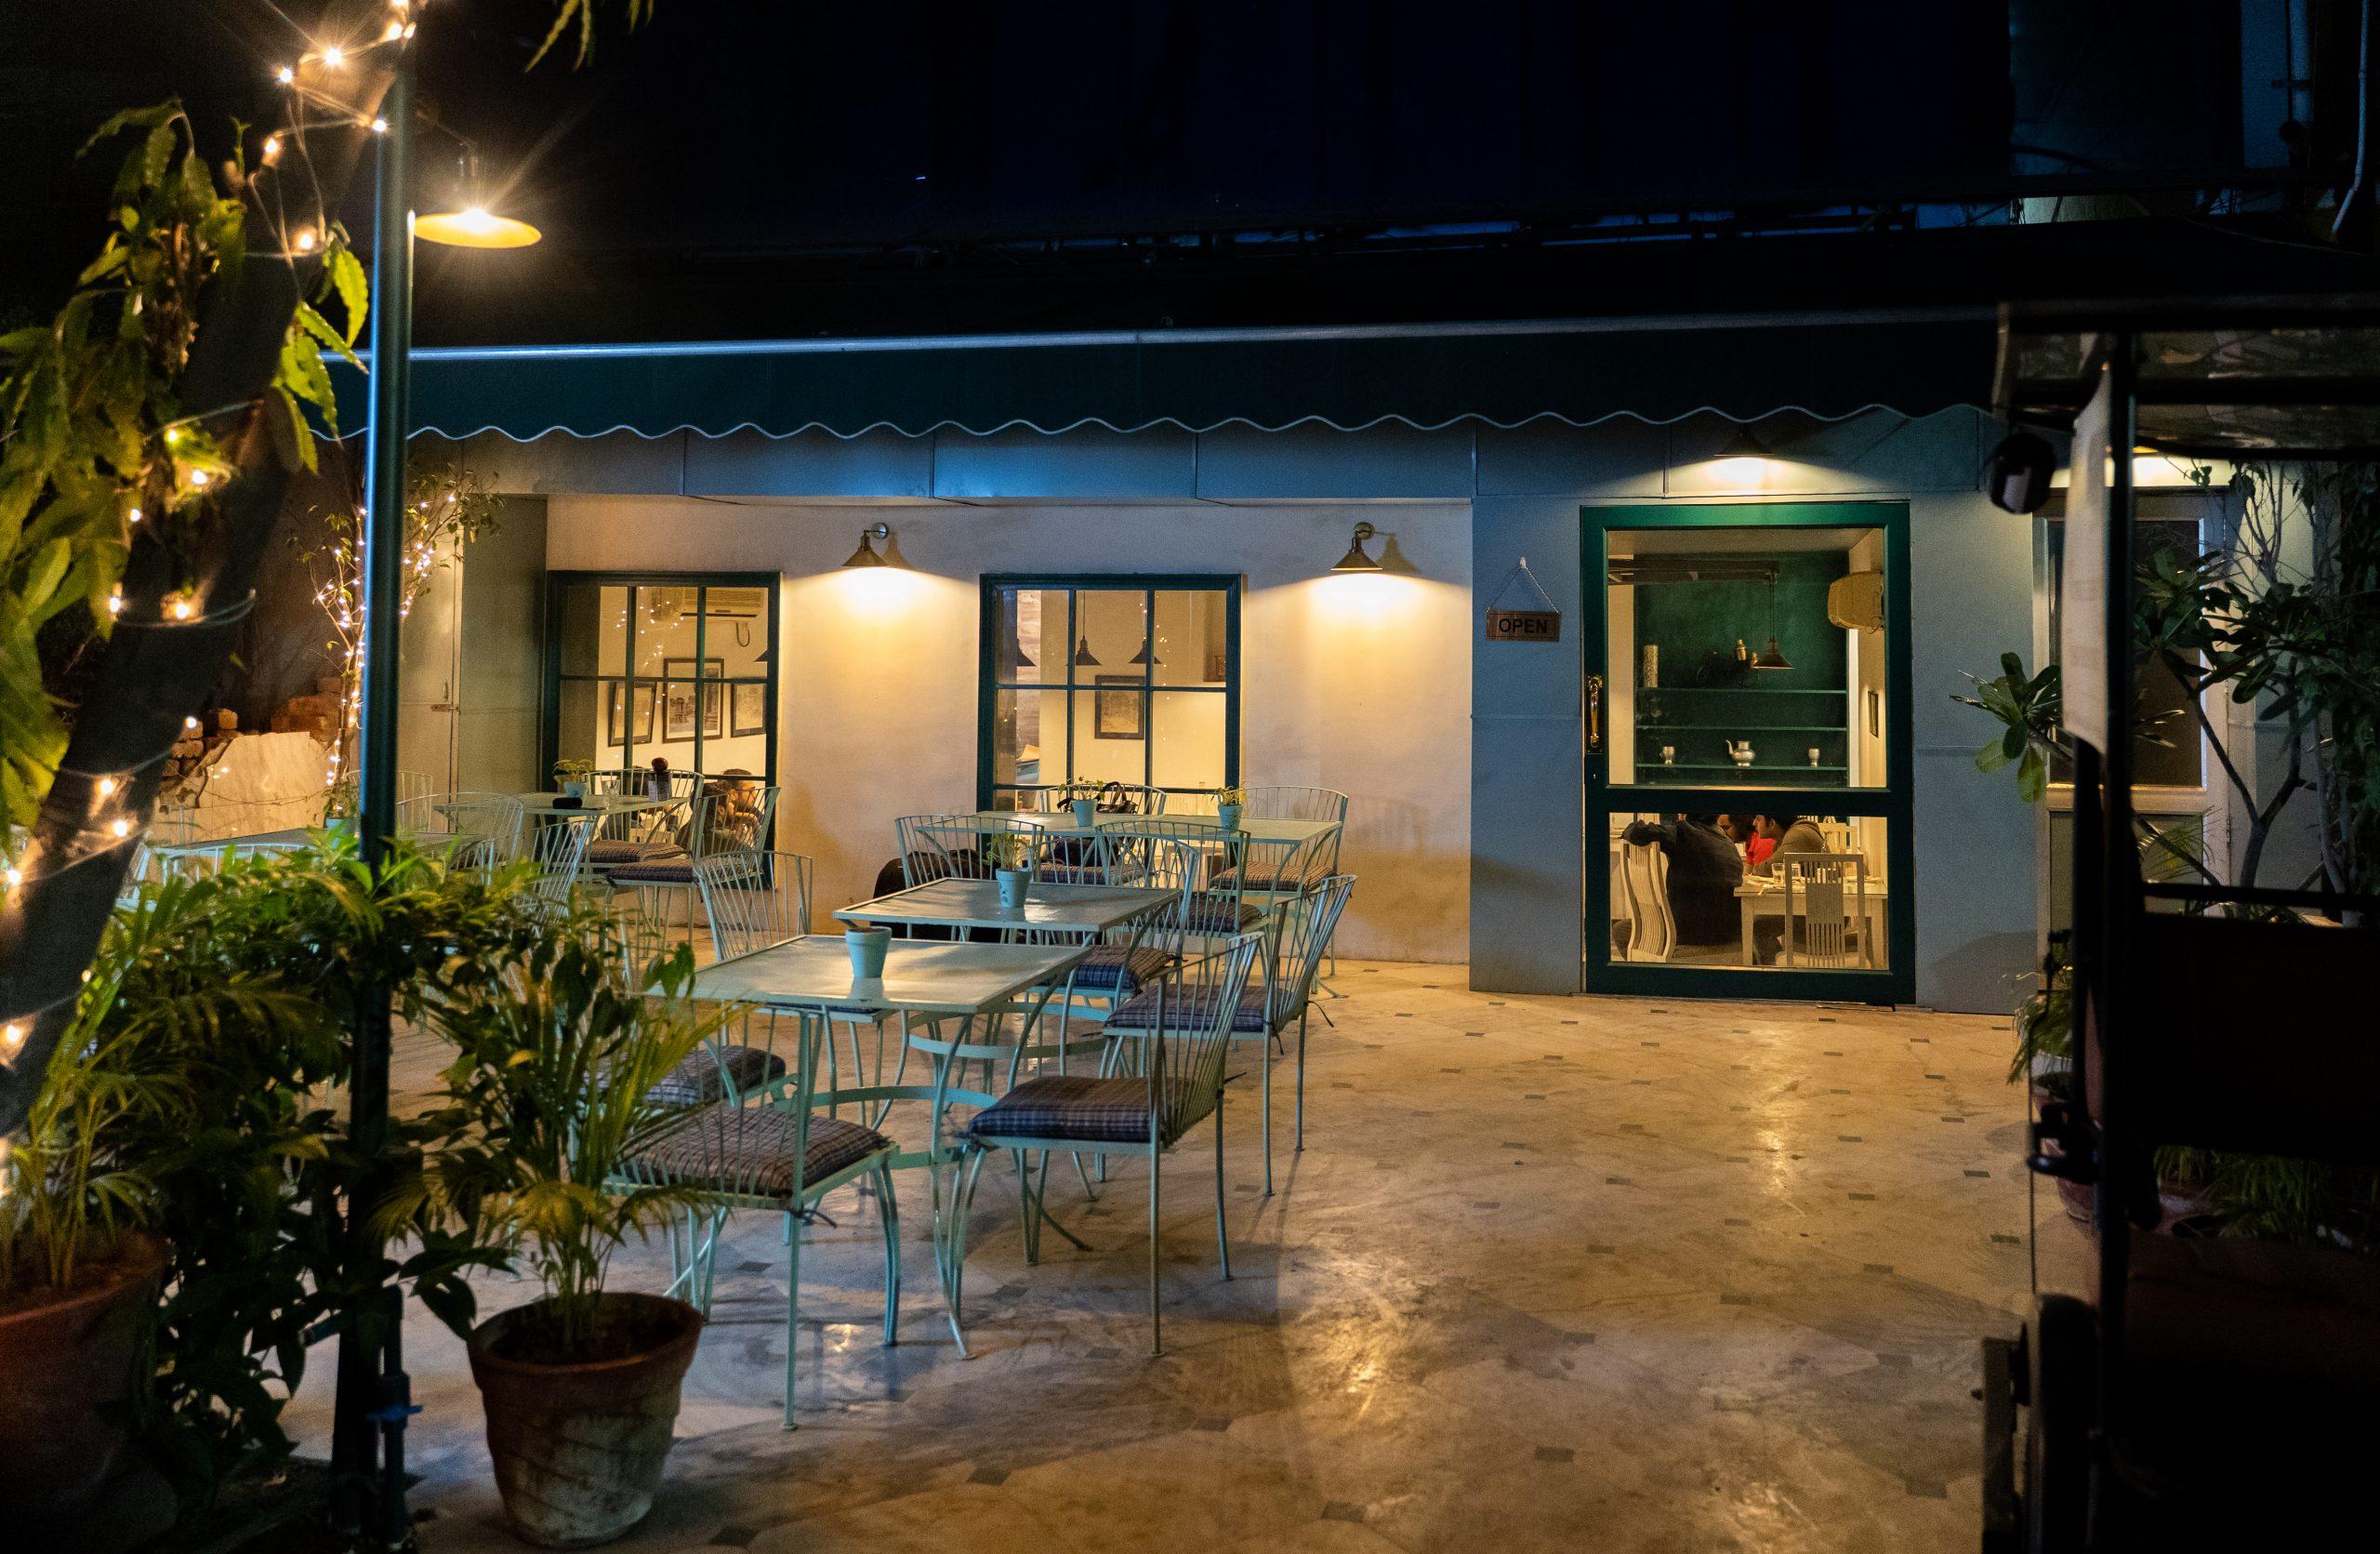 Café Sitting Area